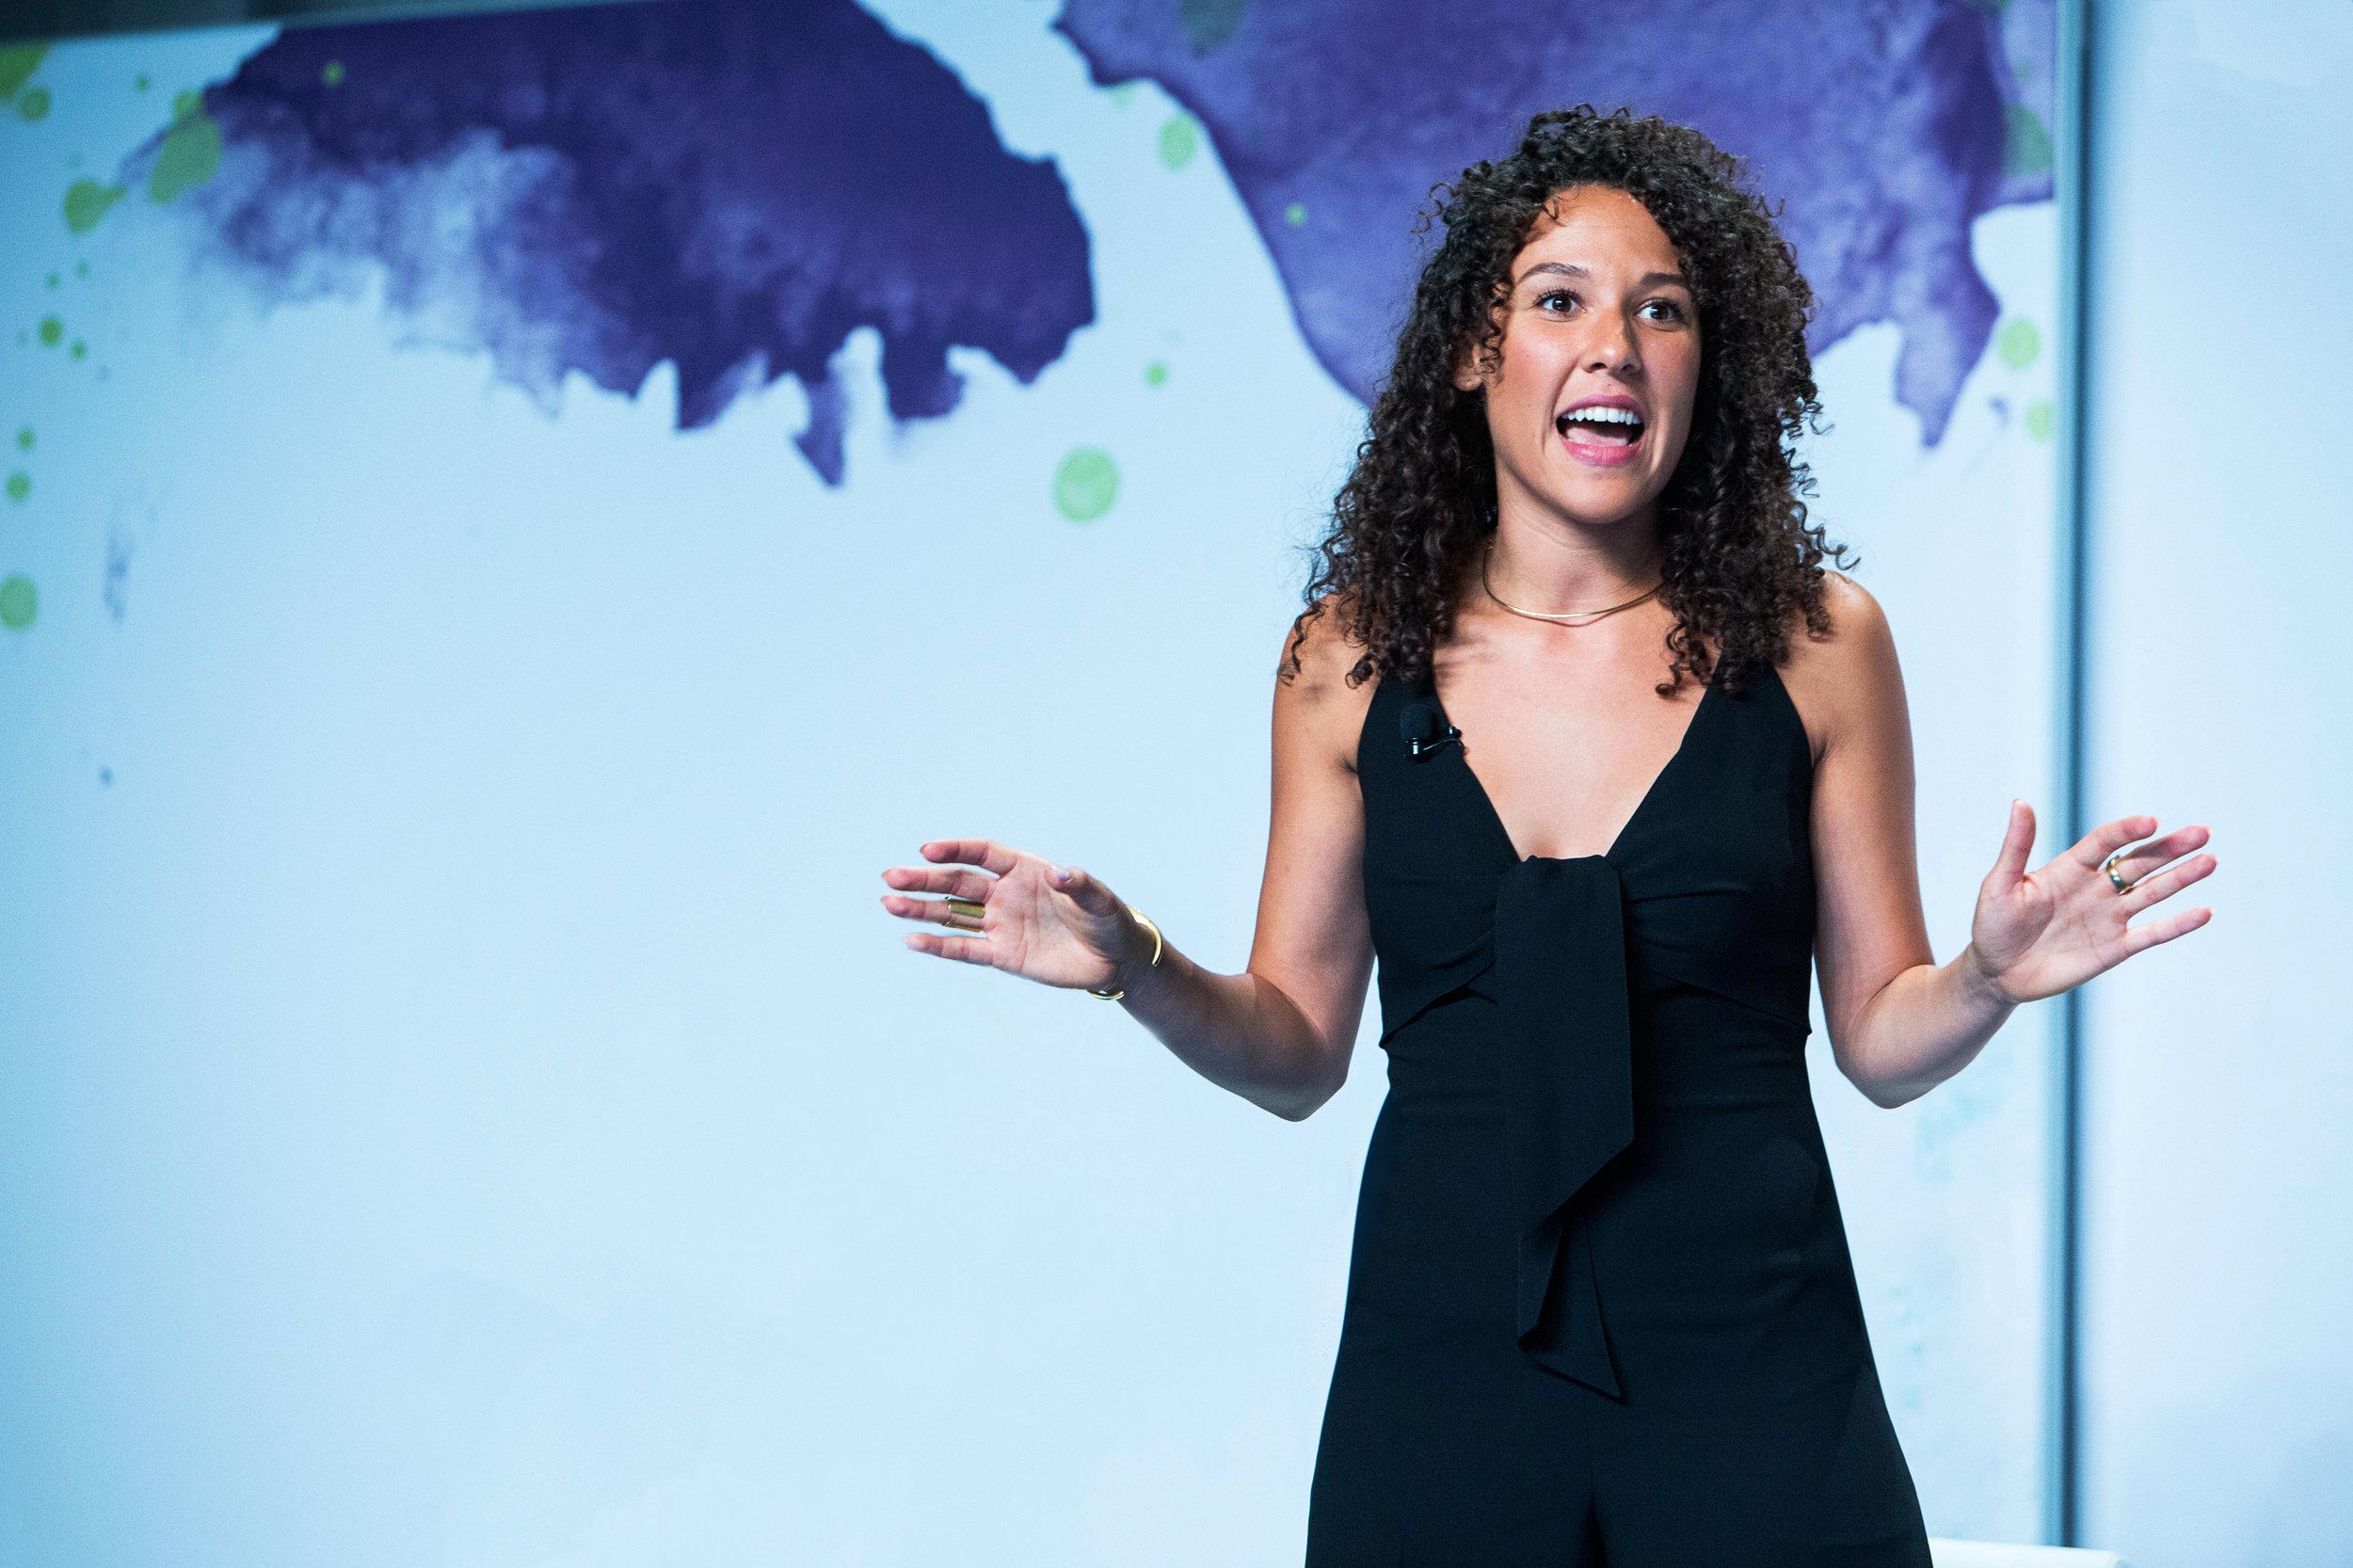 Natalie Warne - Live Storyteller | Producer